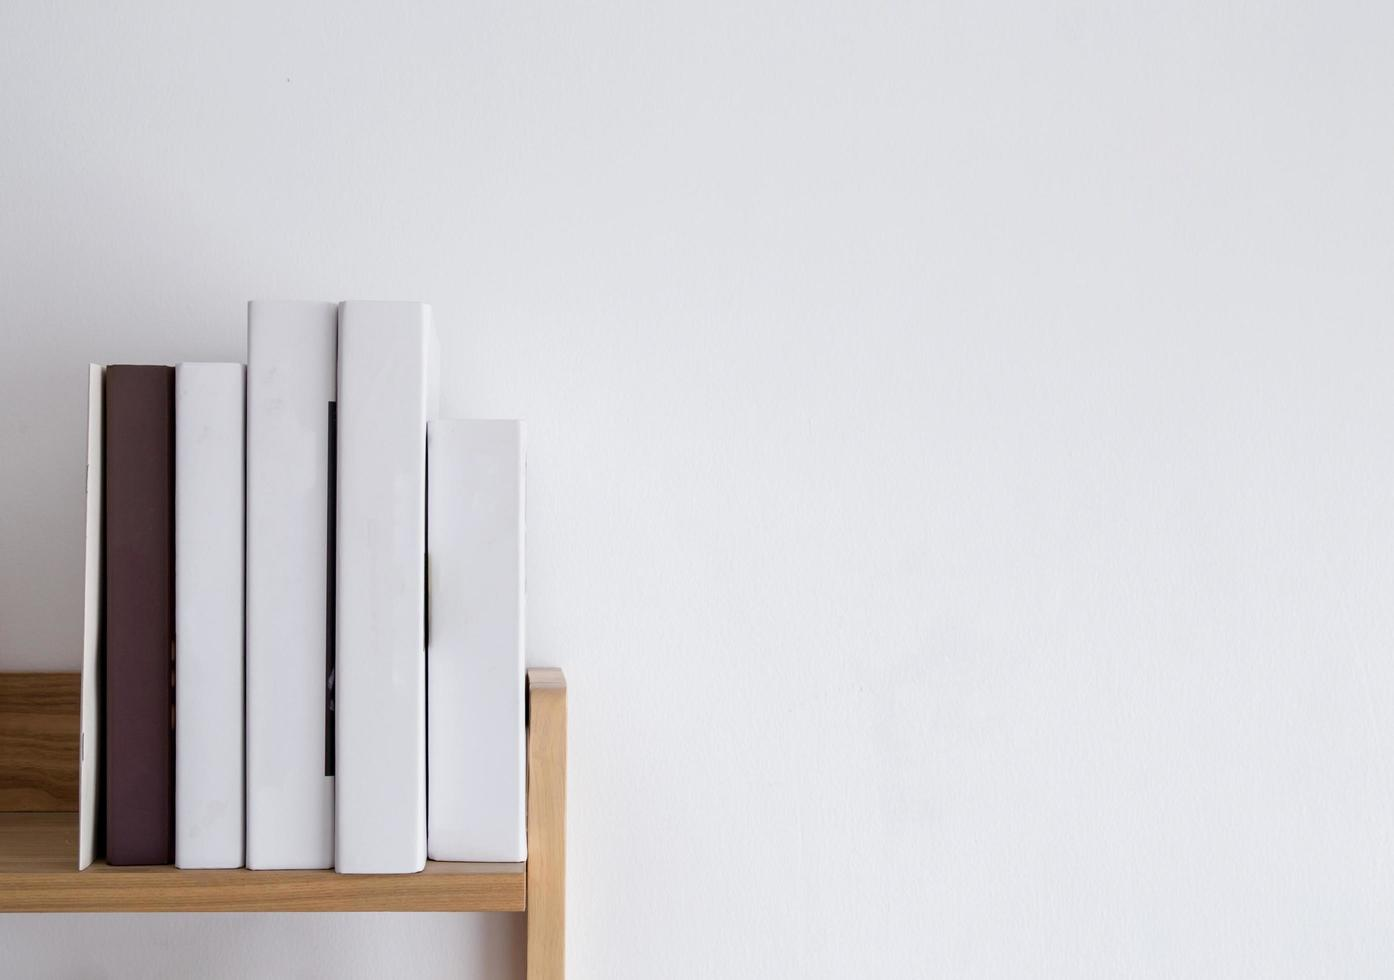 Bücherregal mit Kopierplatz foto